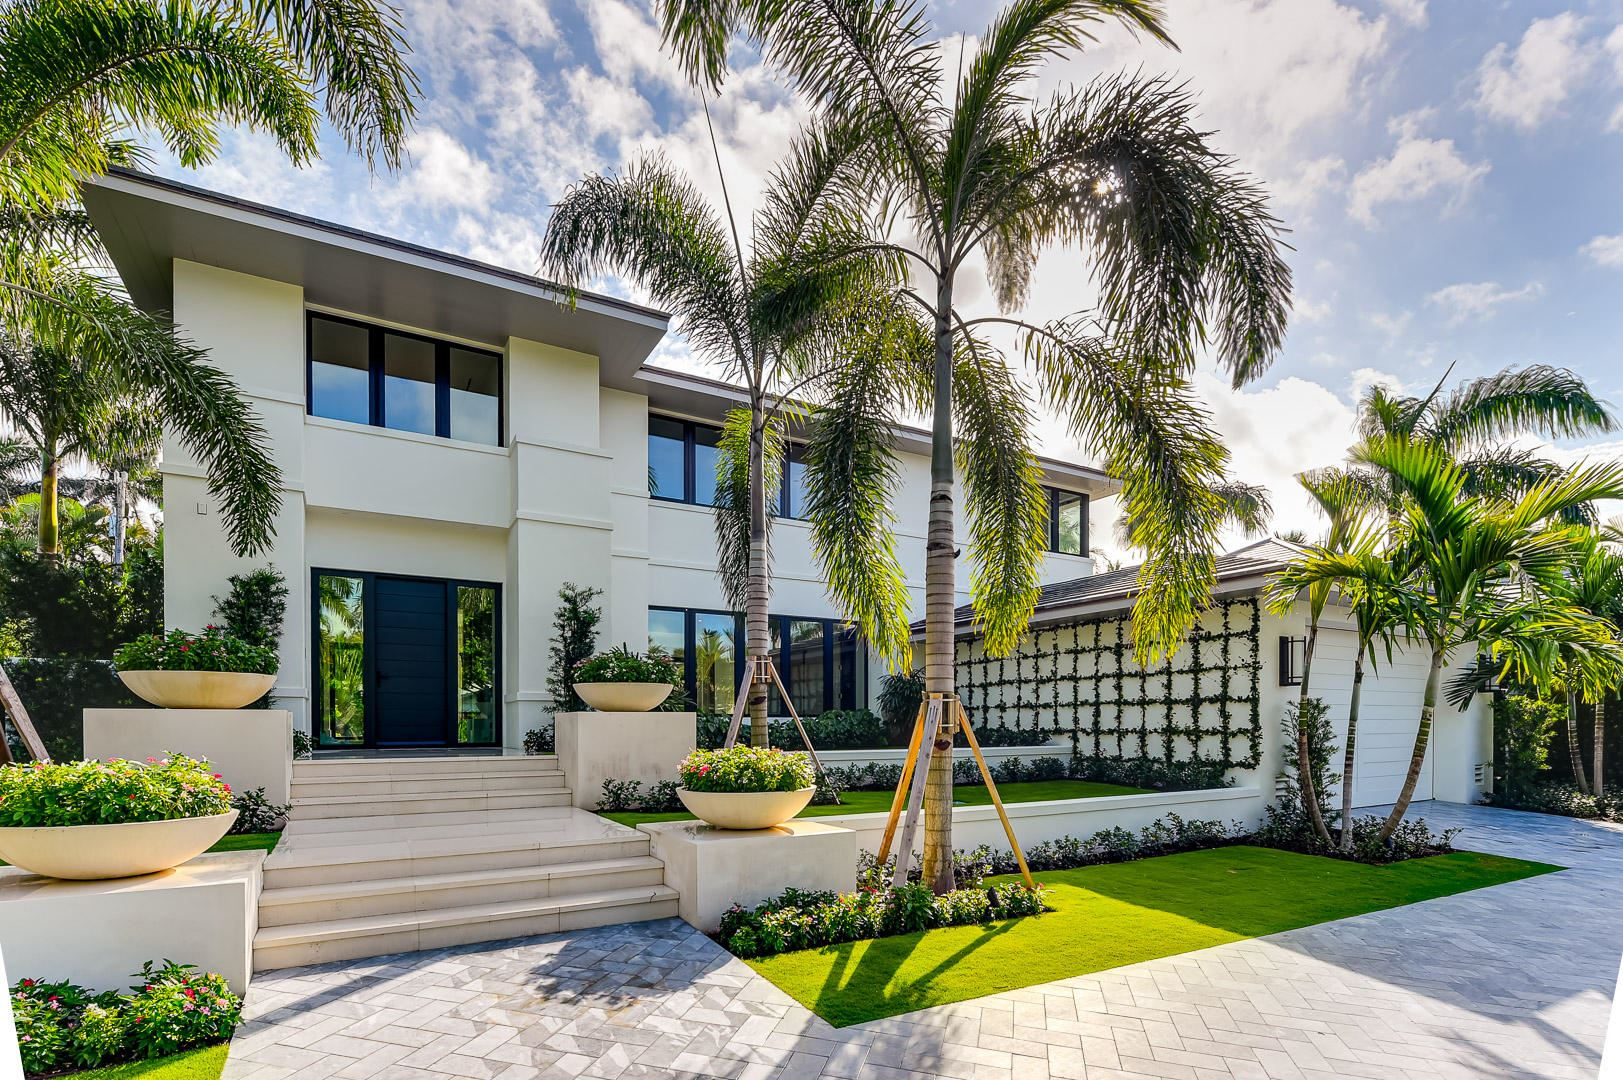 210 Miraflores Drive, Palm Beach, FL 33480 - #: RX-10627296